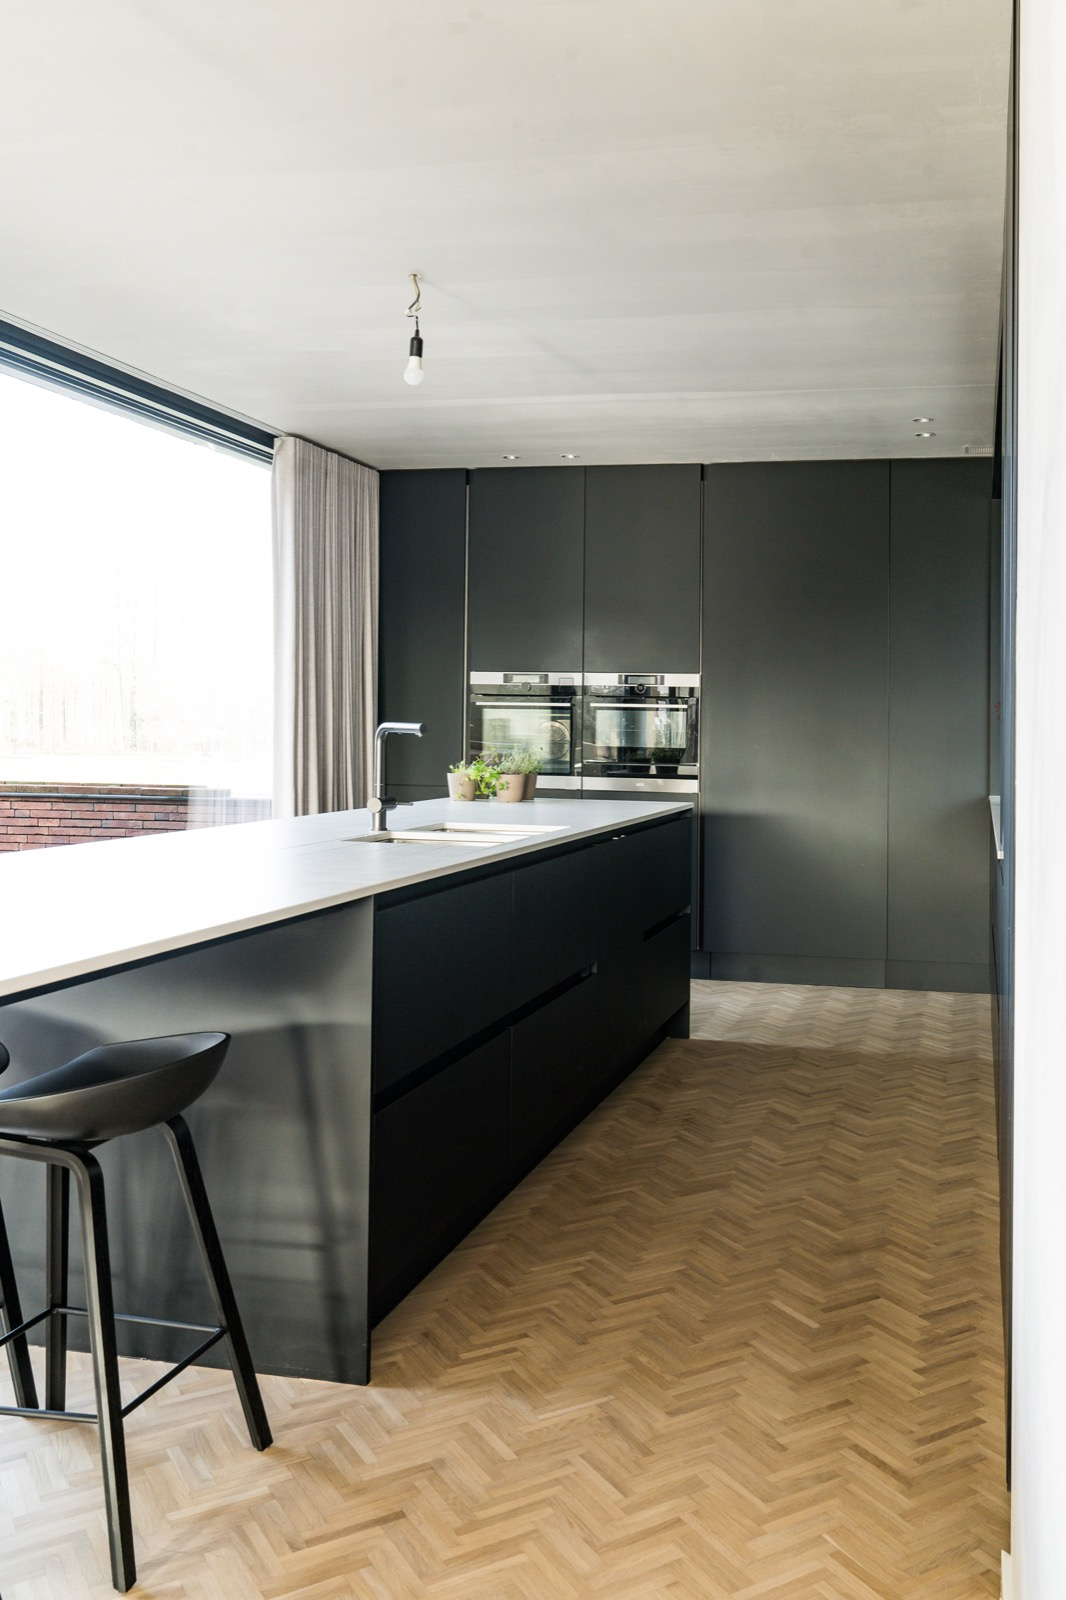 Welke stijl van keukens passen bij een houten vloer?